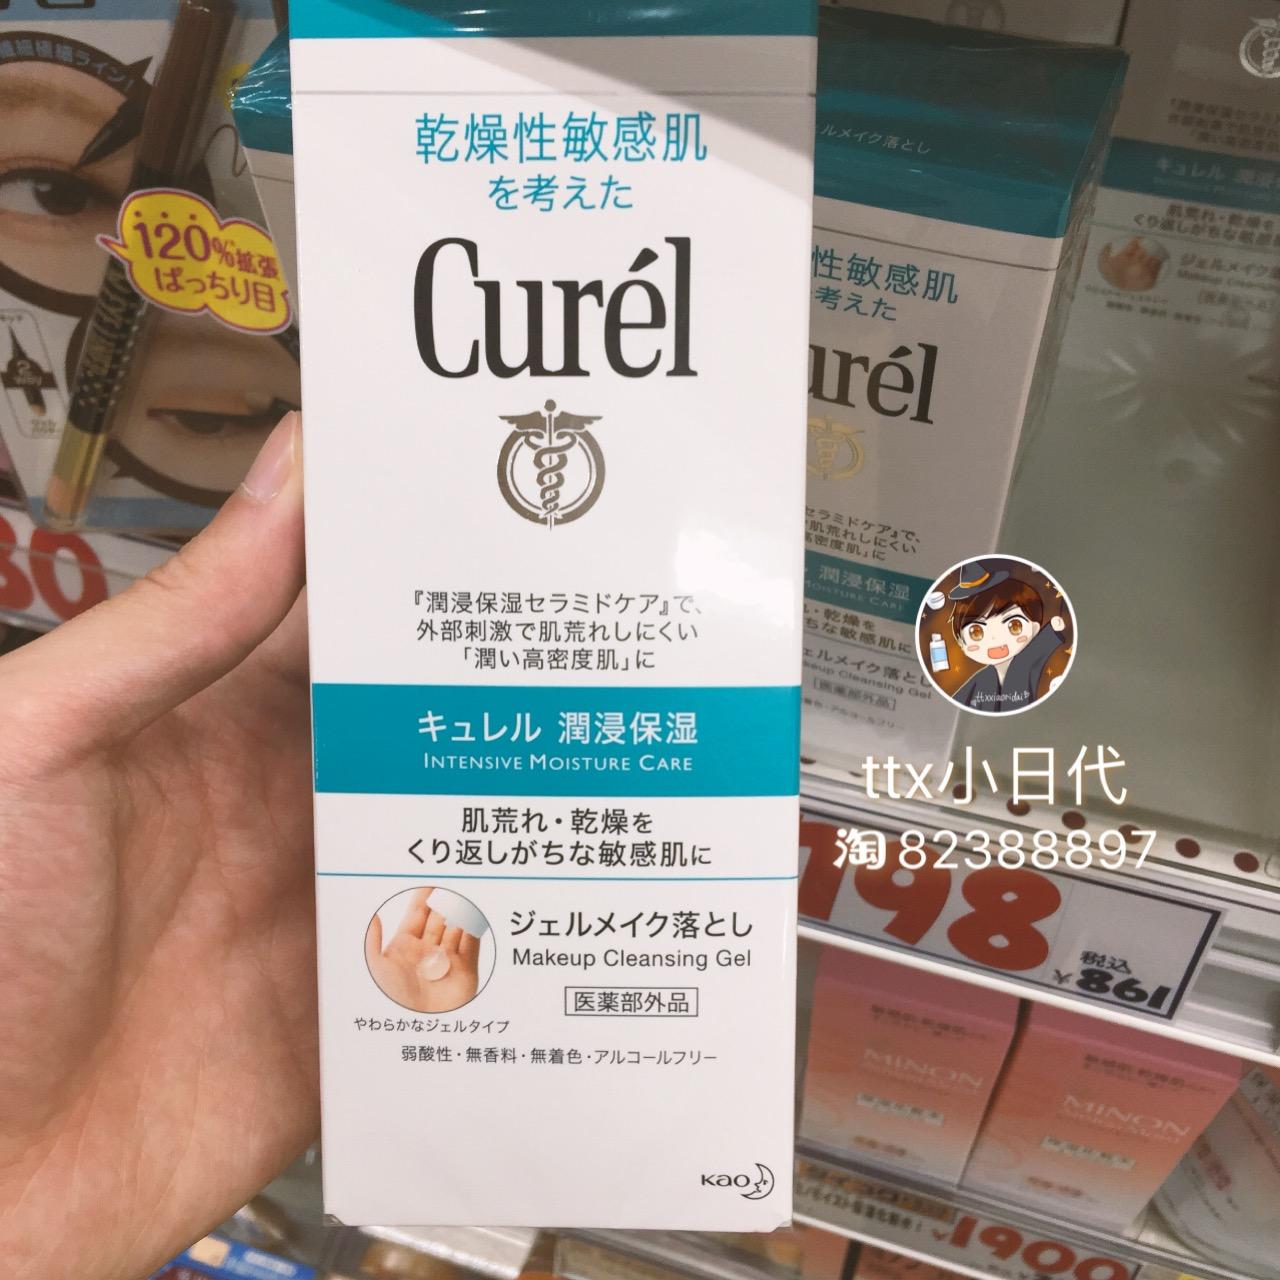 日本本土 包郵 Curel珂潤潤浸保溼卸妝蜜 啫喱 乾燥敏感肌用 130g